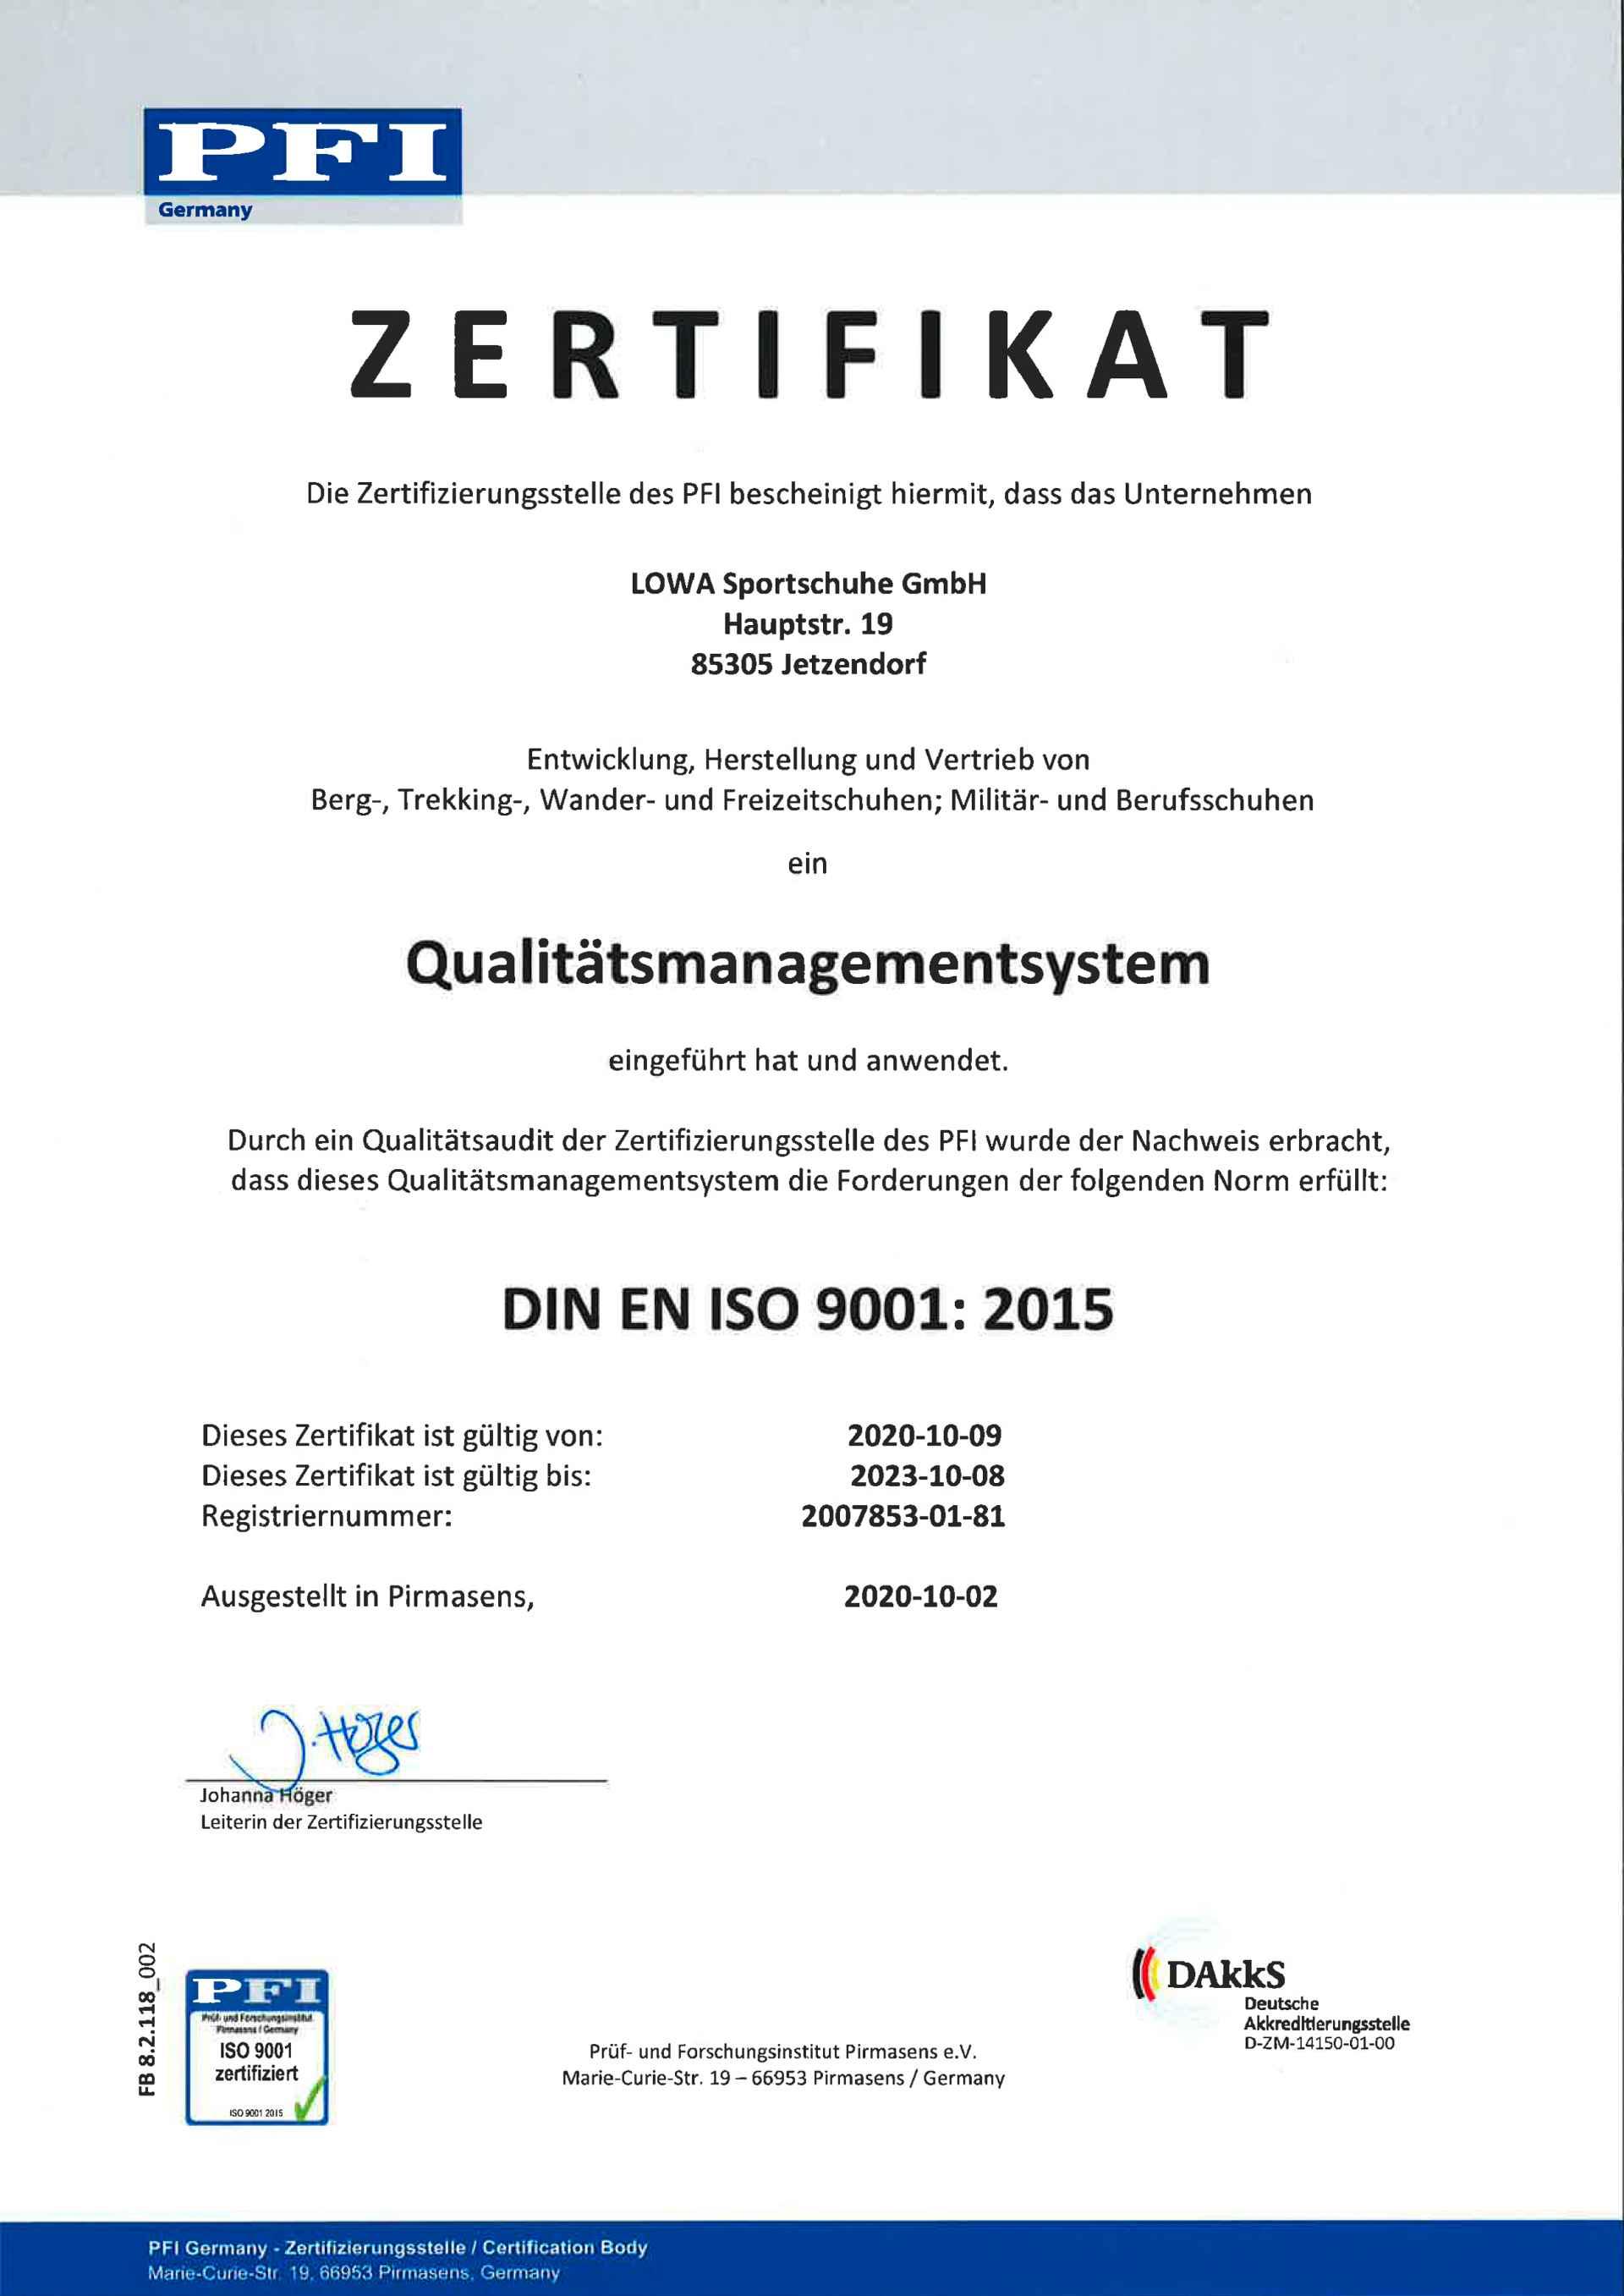 qm-certificate_de_2020